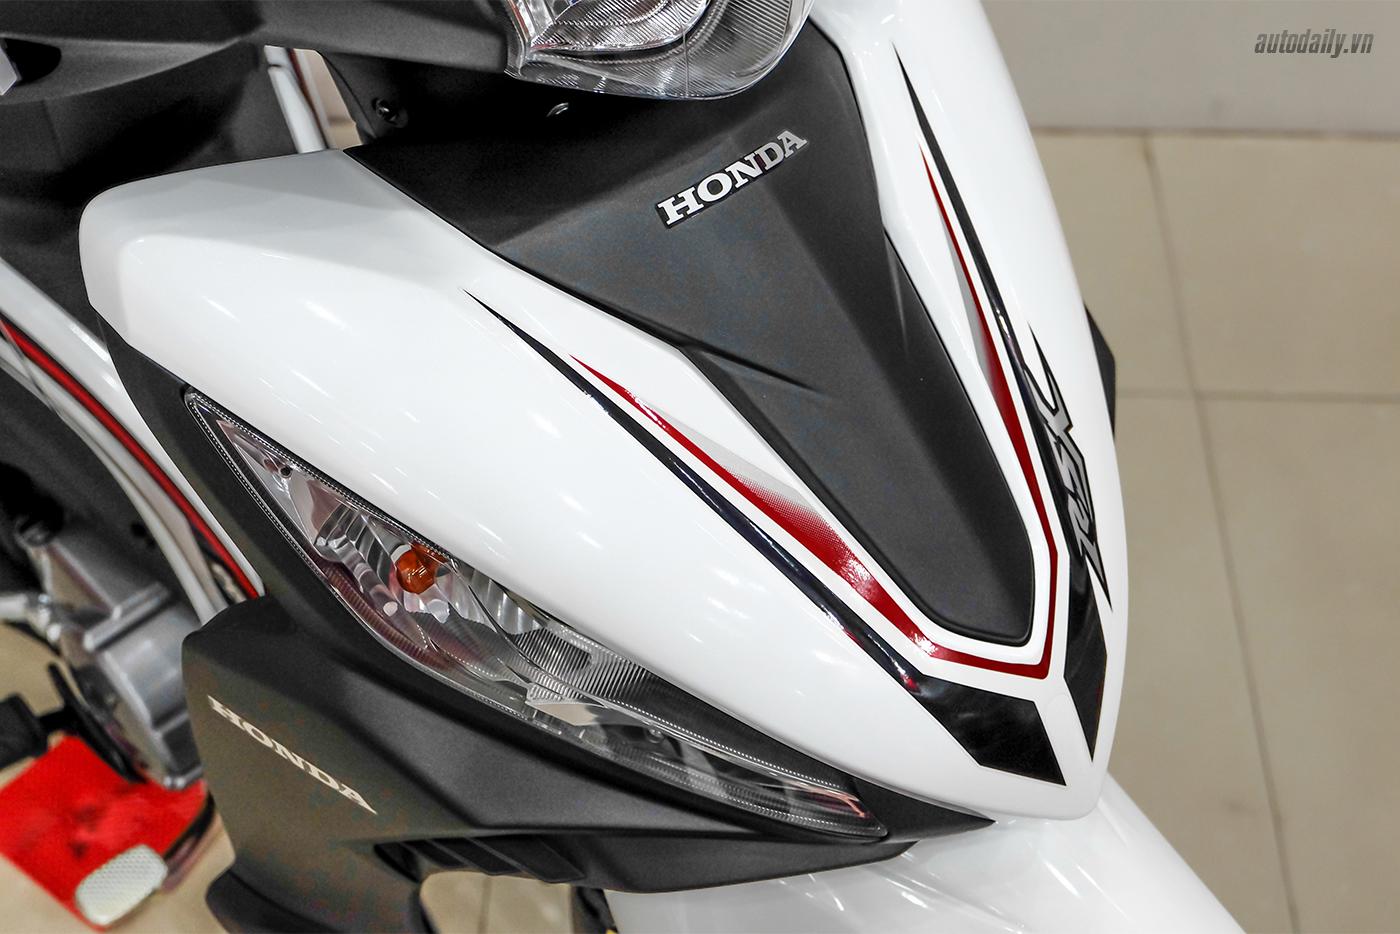 honda-wave-rsx-fi-110-4.jpg